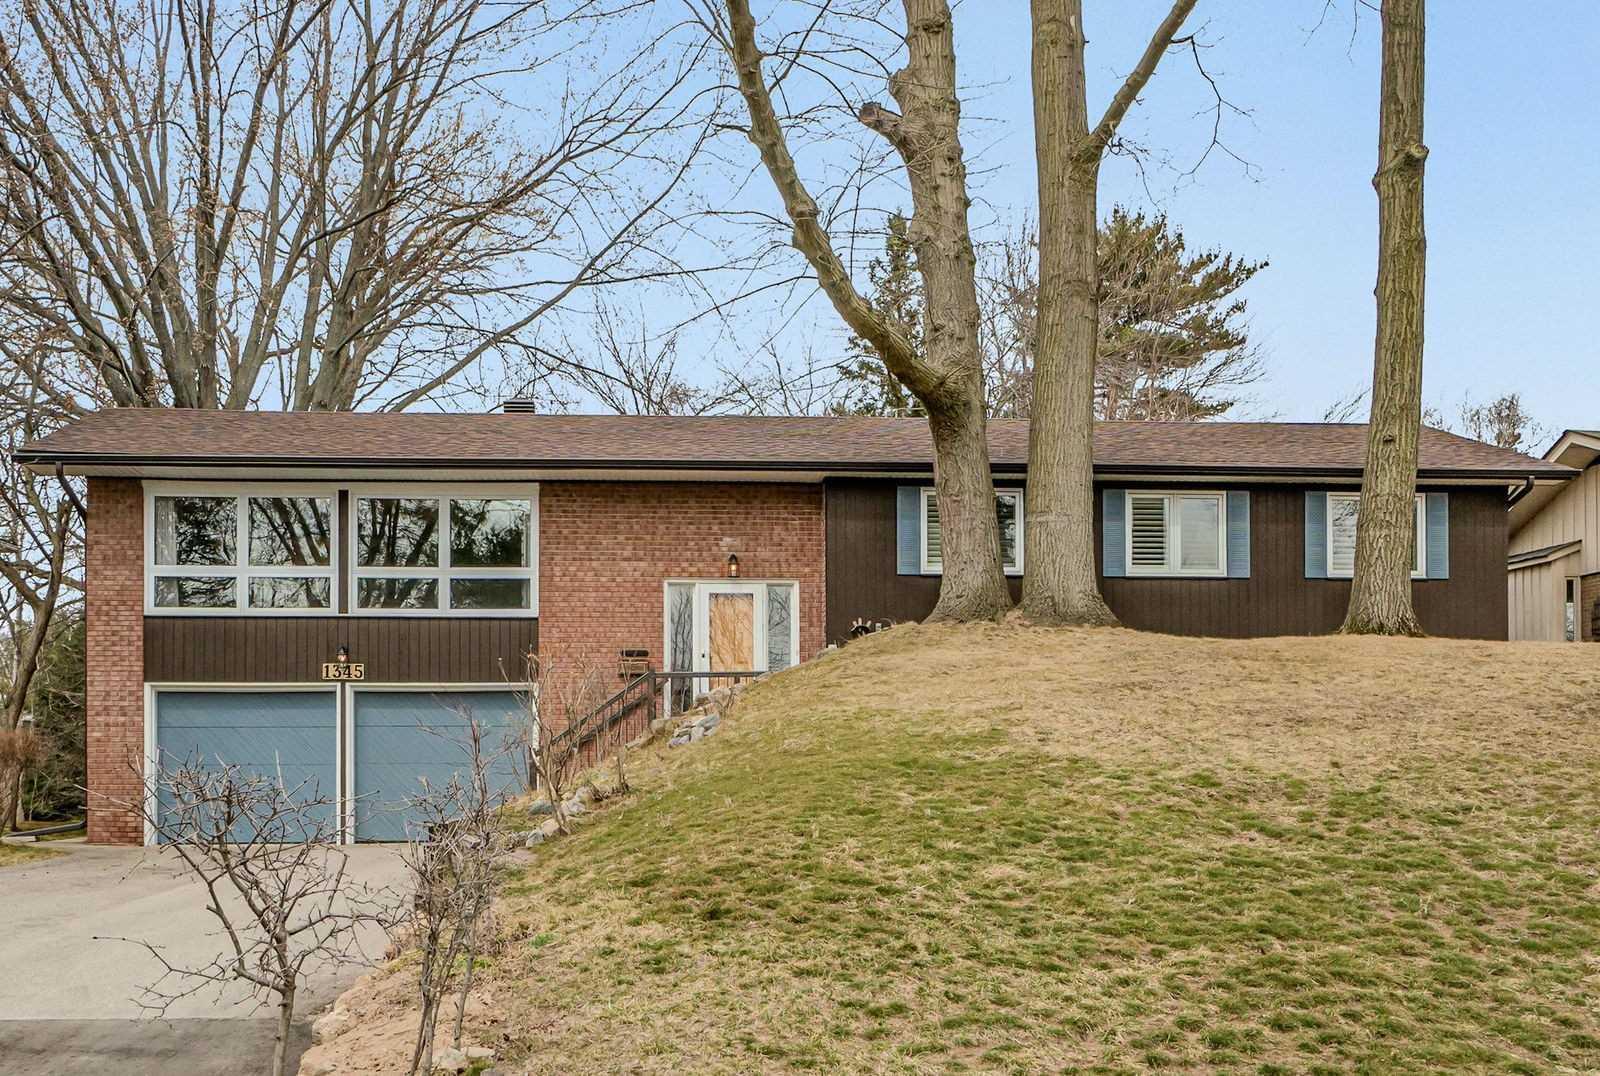 1345 Gatehouse Dr, Mississauga, Ontario L5K 2M6, 3 Bedrooms Bedrooms, 8 Rooms Rooms,2 BathroomsBathrooms,Detached,For Sale,Gatehouse,W5167810